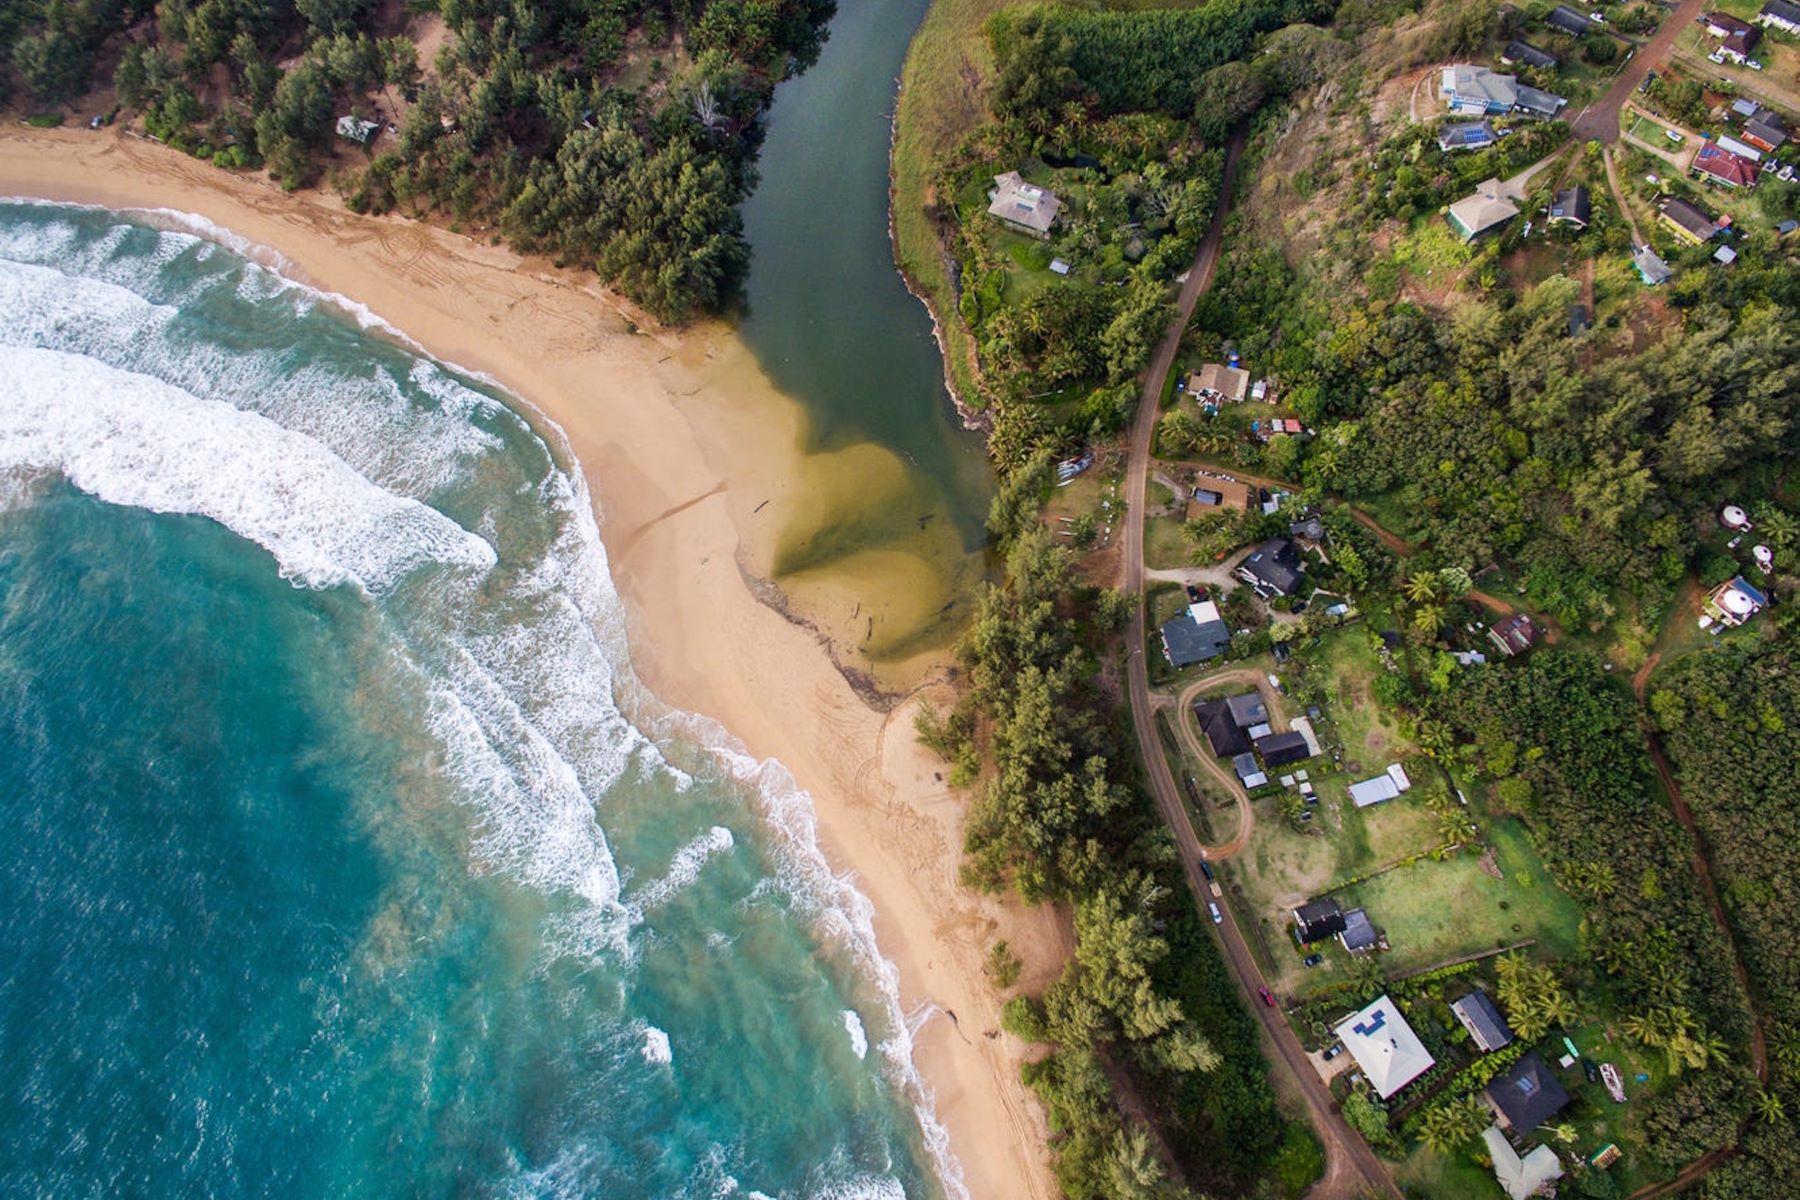 Casa Unifamiliar por un Venta en Beautiful Anahola Beachside Estate 4695 Aliomanu Road Anahola, Hawaii, 96703 Estados Unidos